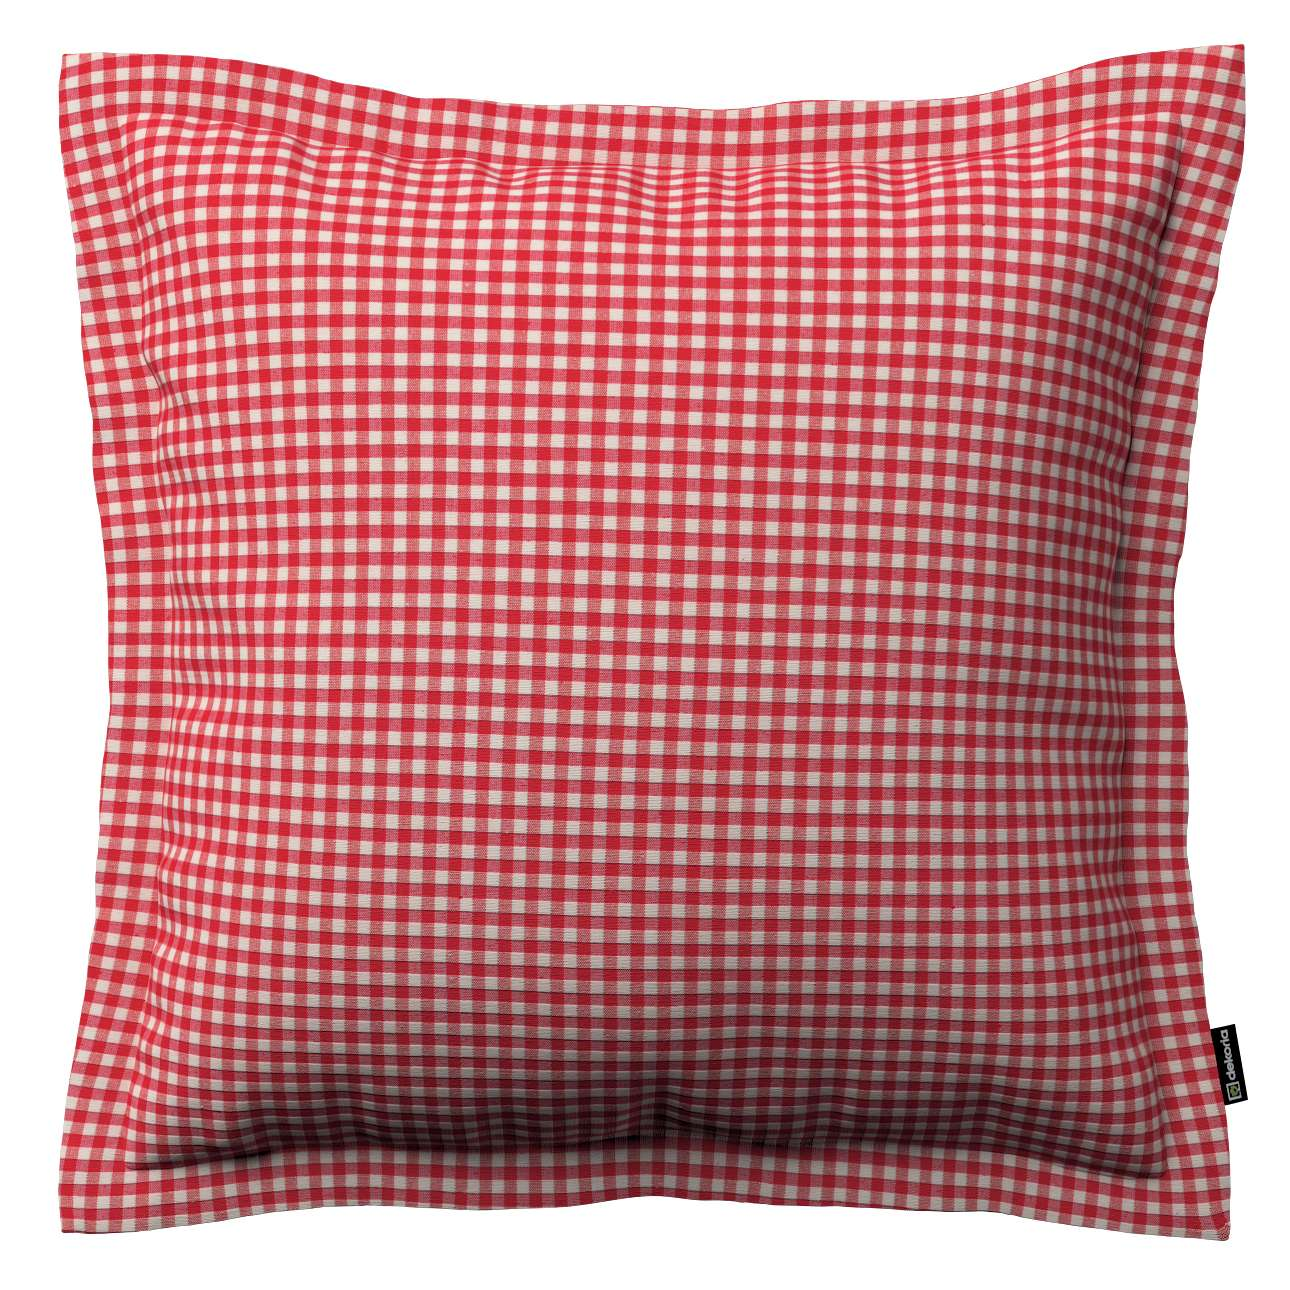 Poszewka Mona na poduszkę 38x38 cm w kolekcji Quadro, tkanina: 136-15